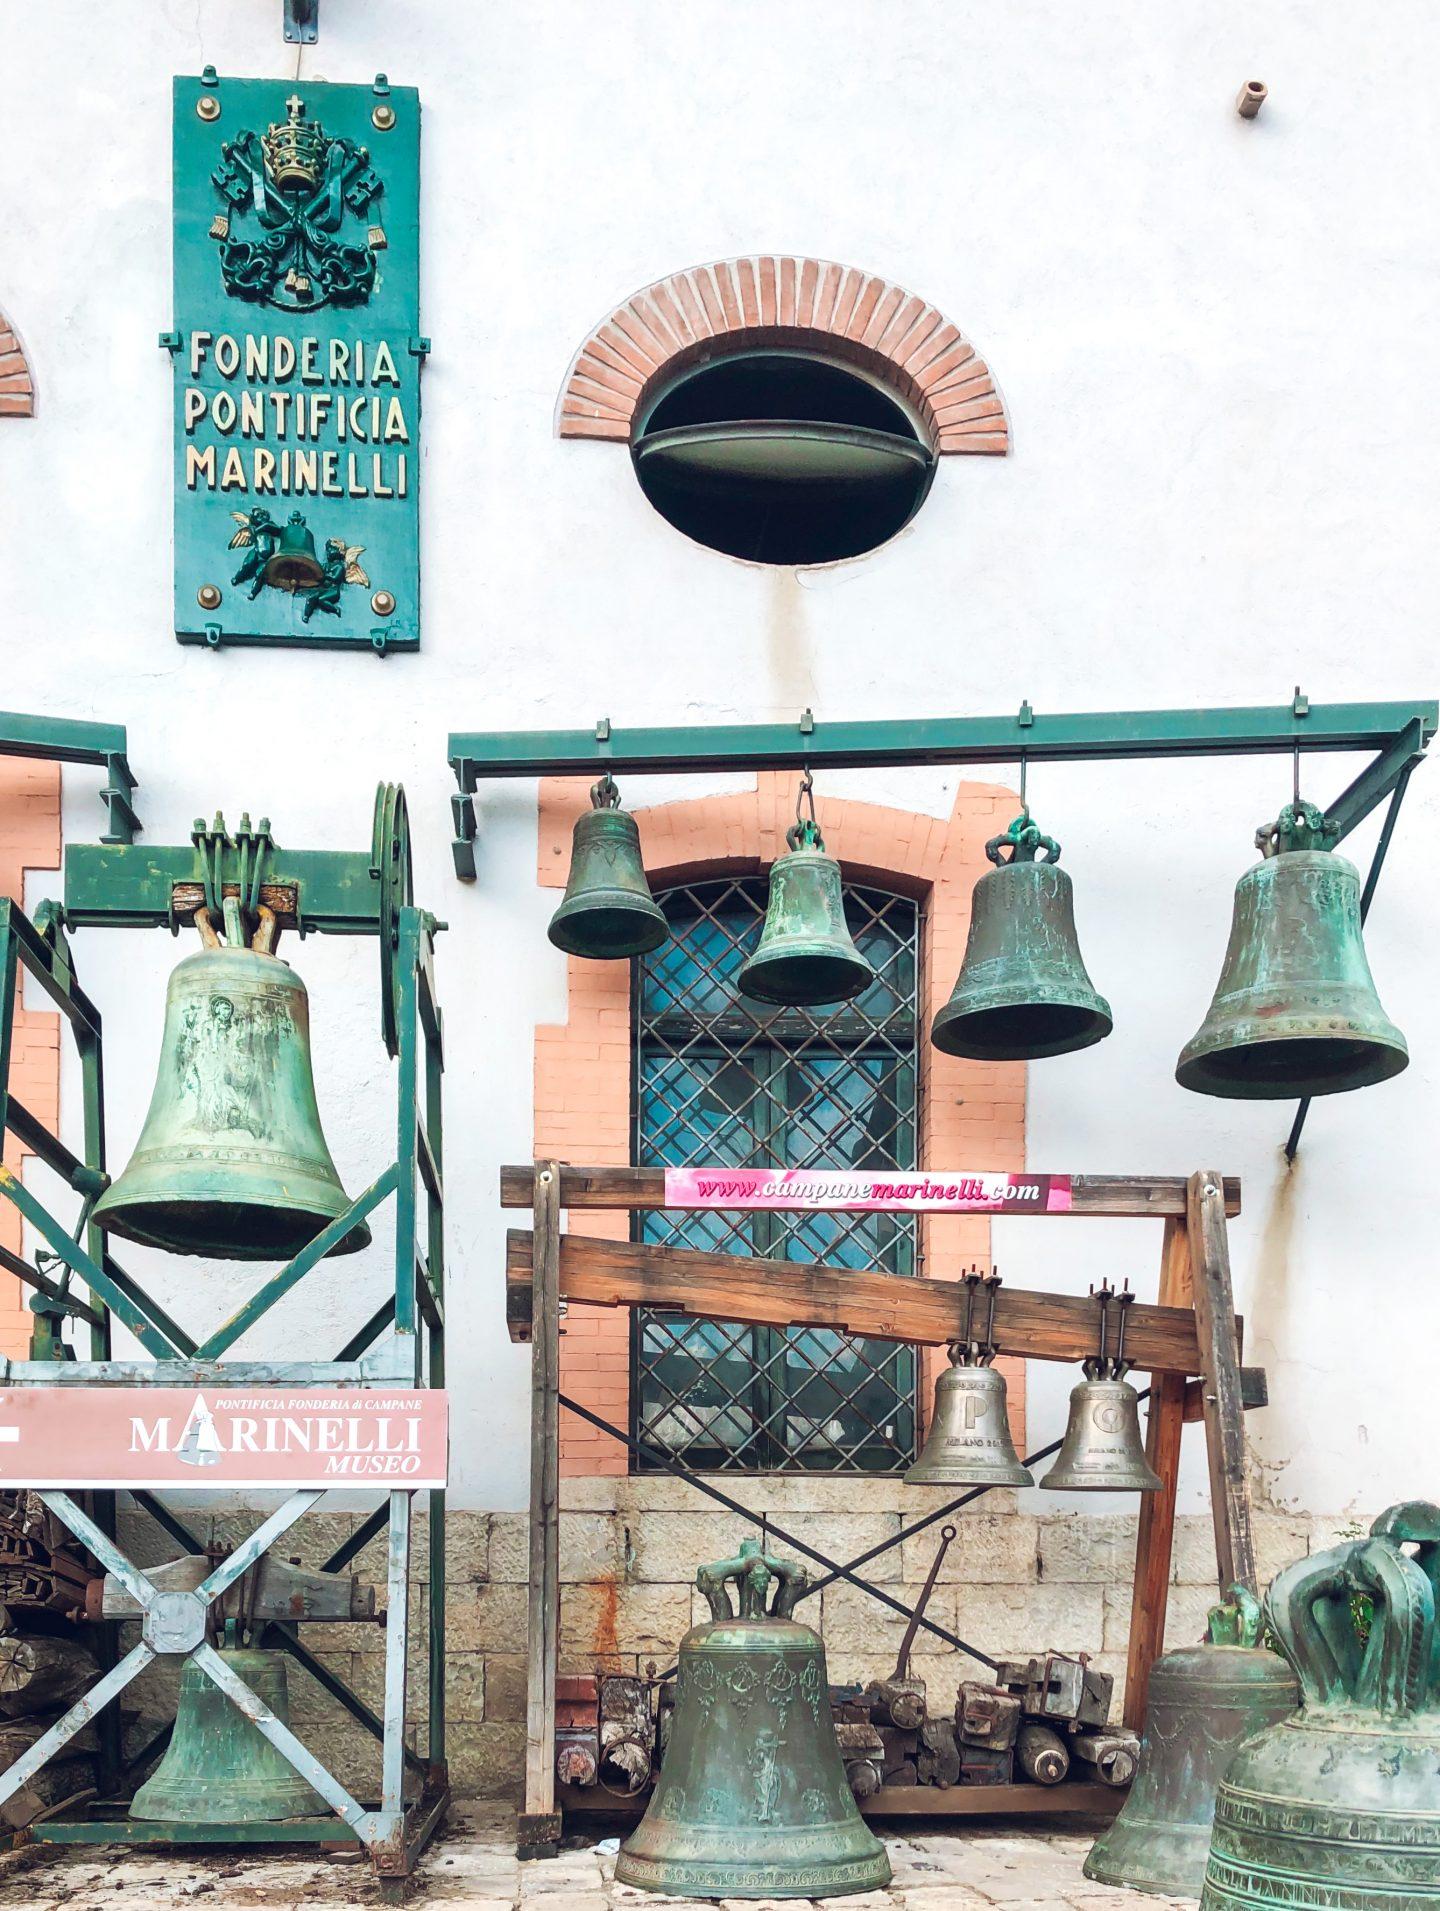 foto che inquadra le campane della fonderia pontificia marinelli